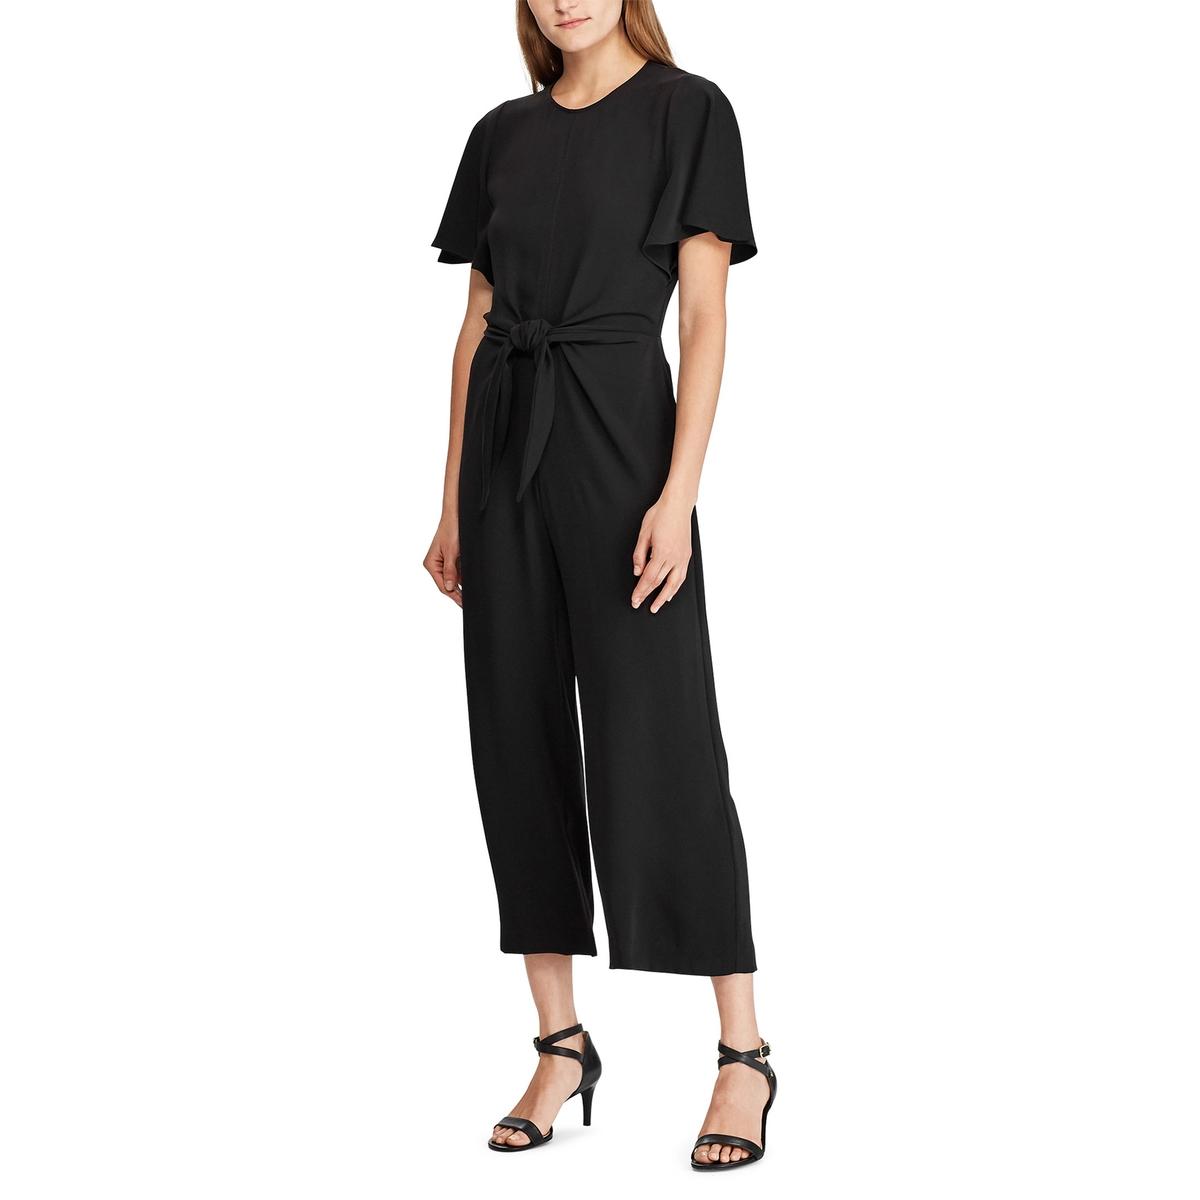 Комбинезон La Redoute С короткими рукавами 42 (FR) - 48 (RUS) черный платье la redoute короткое прямое с короткими рукавами 42 fr 48 rus черный